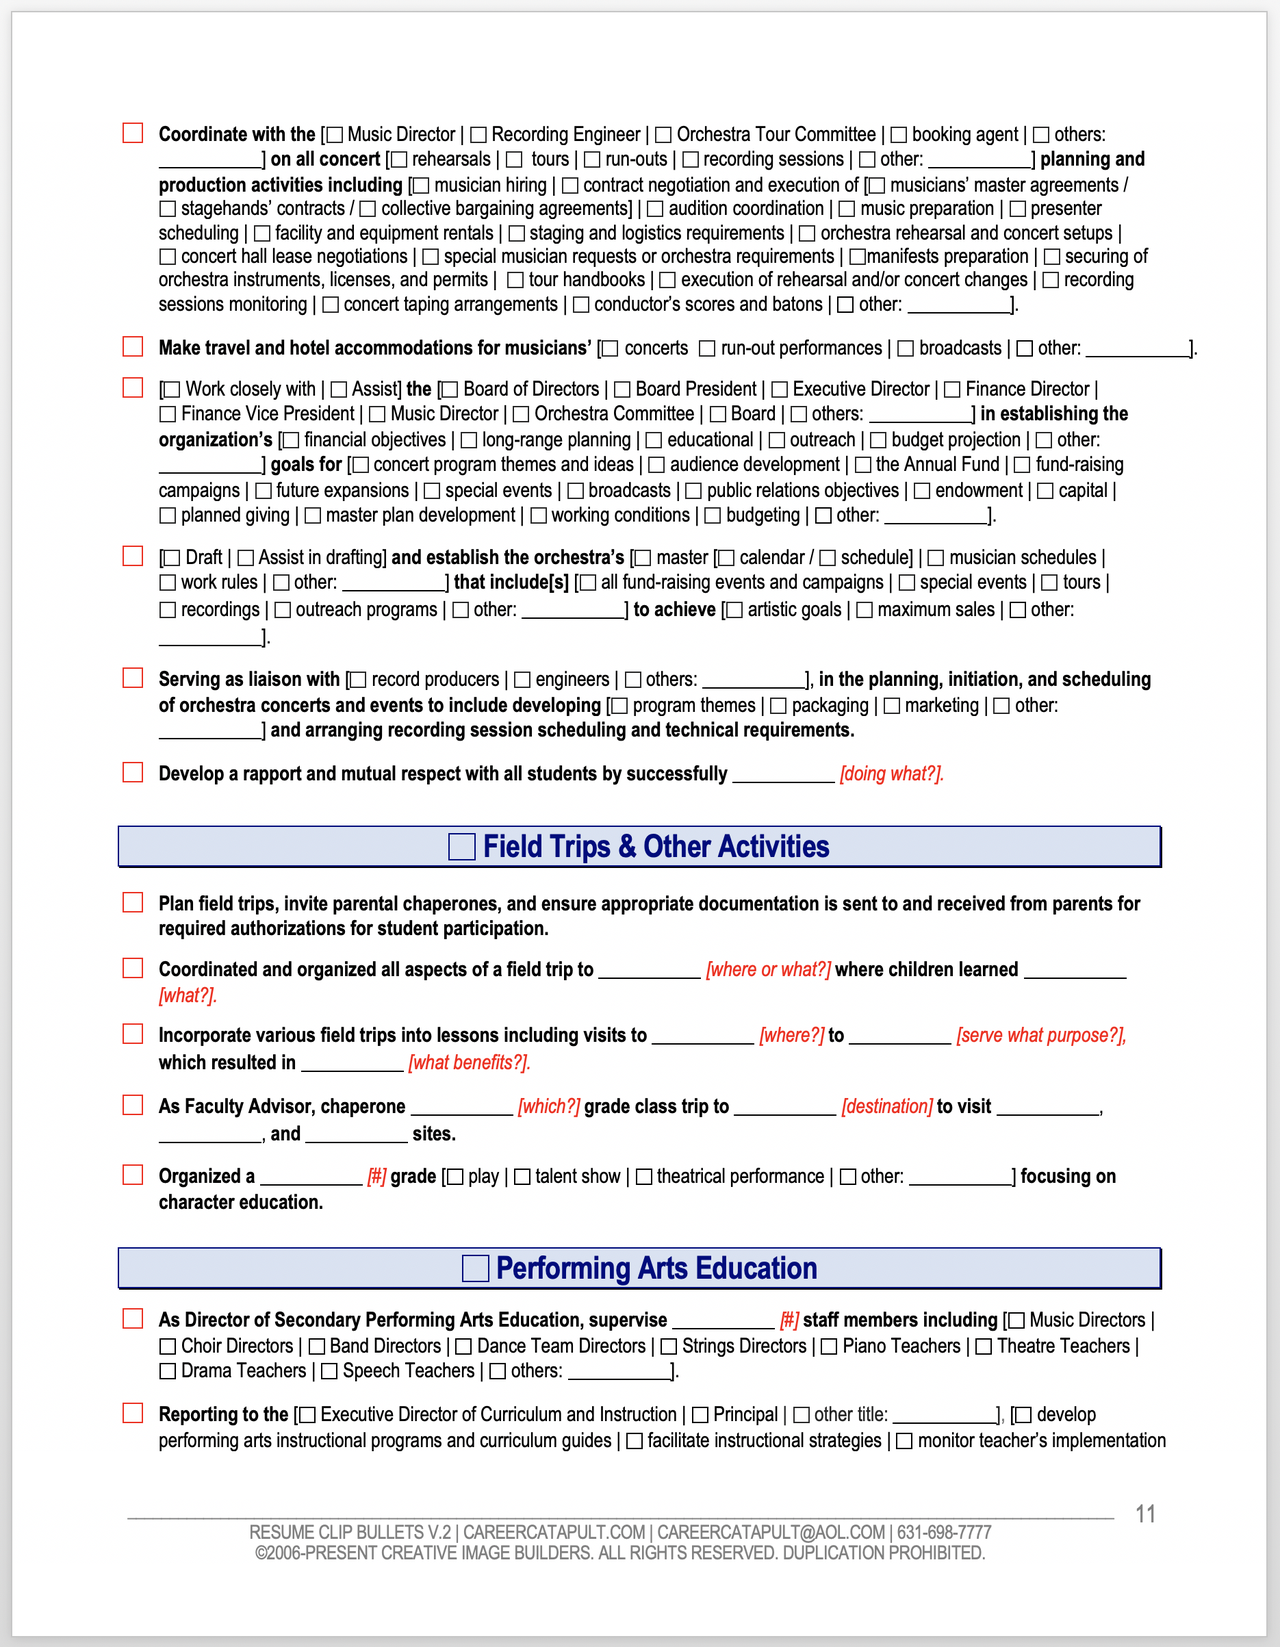 resume clipbullets sample - pg.11.png